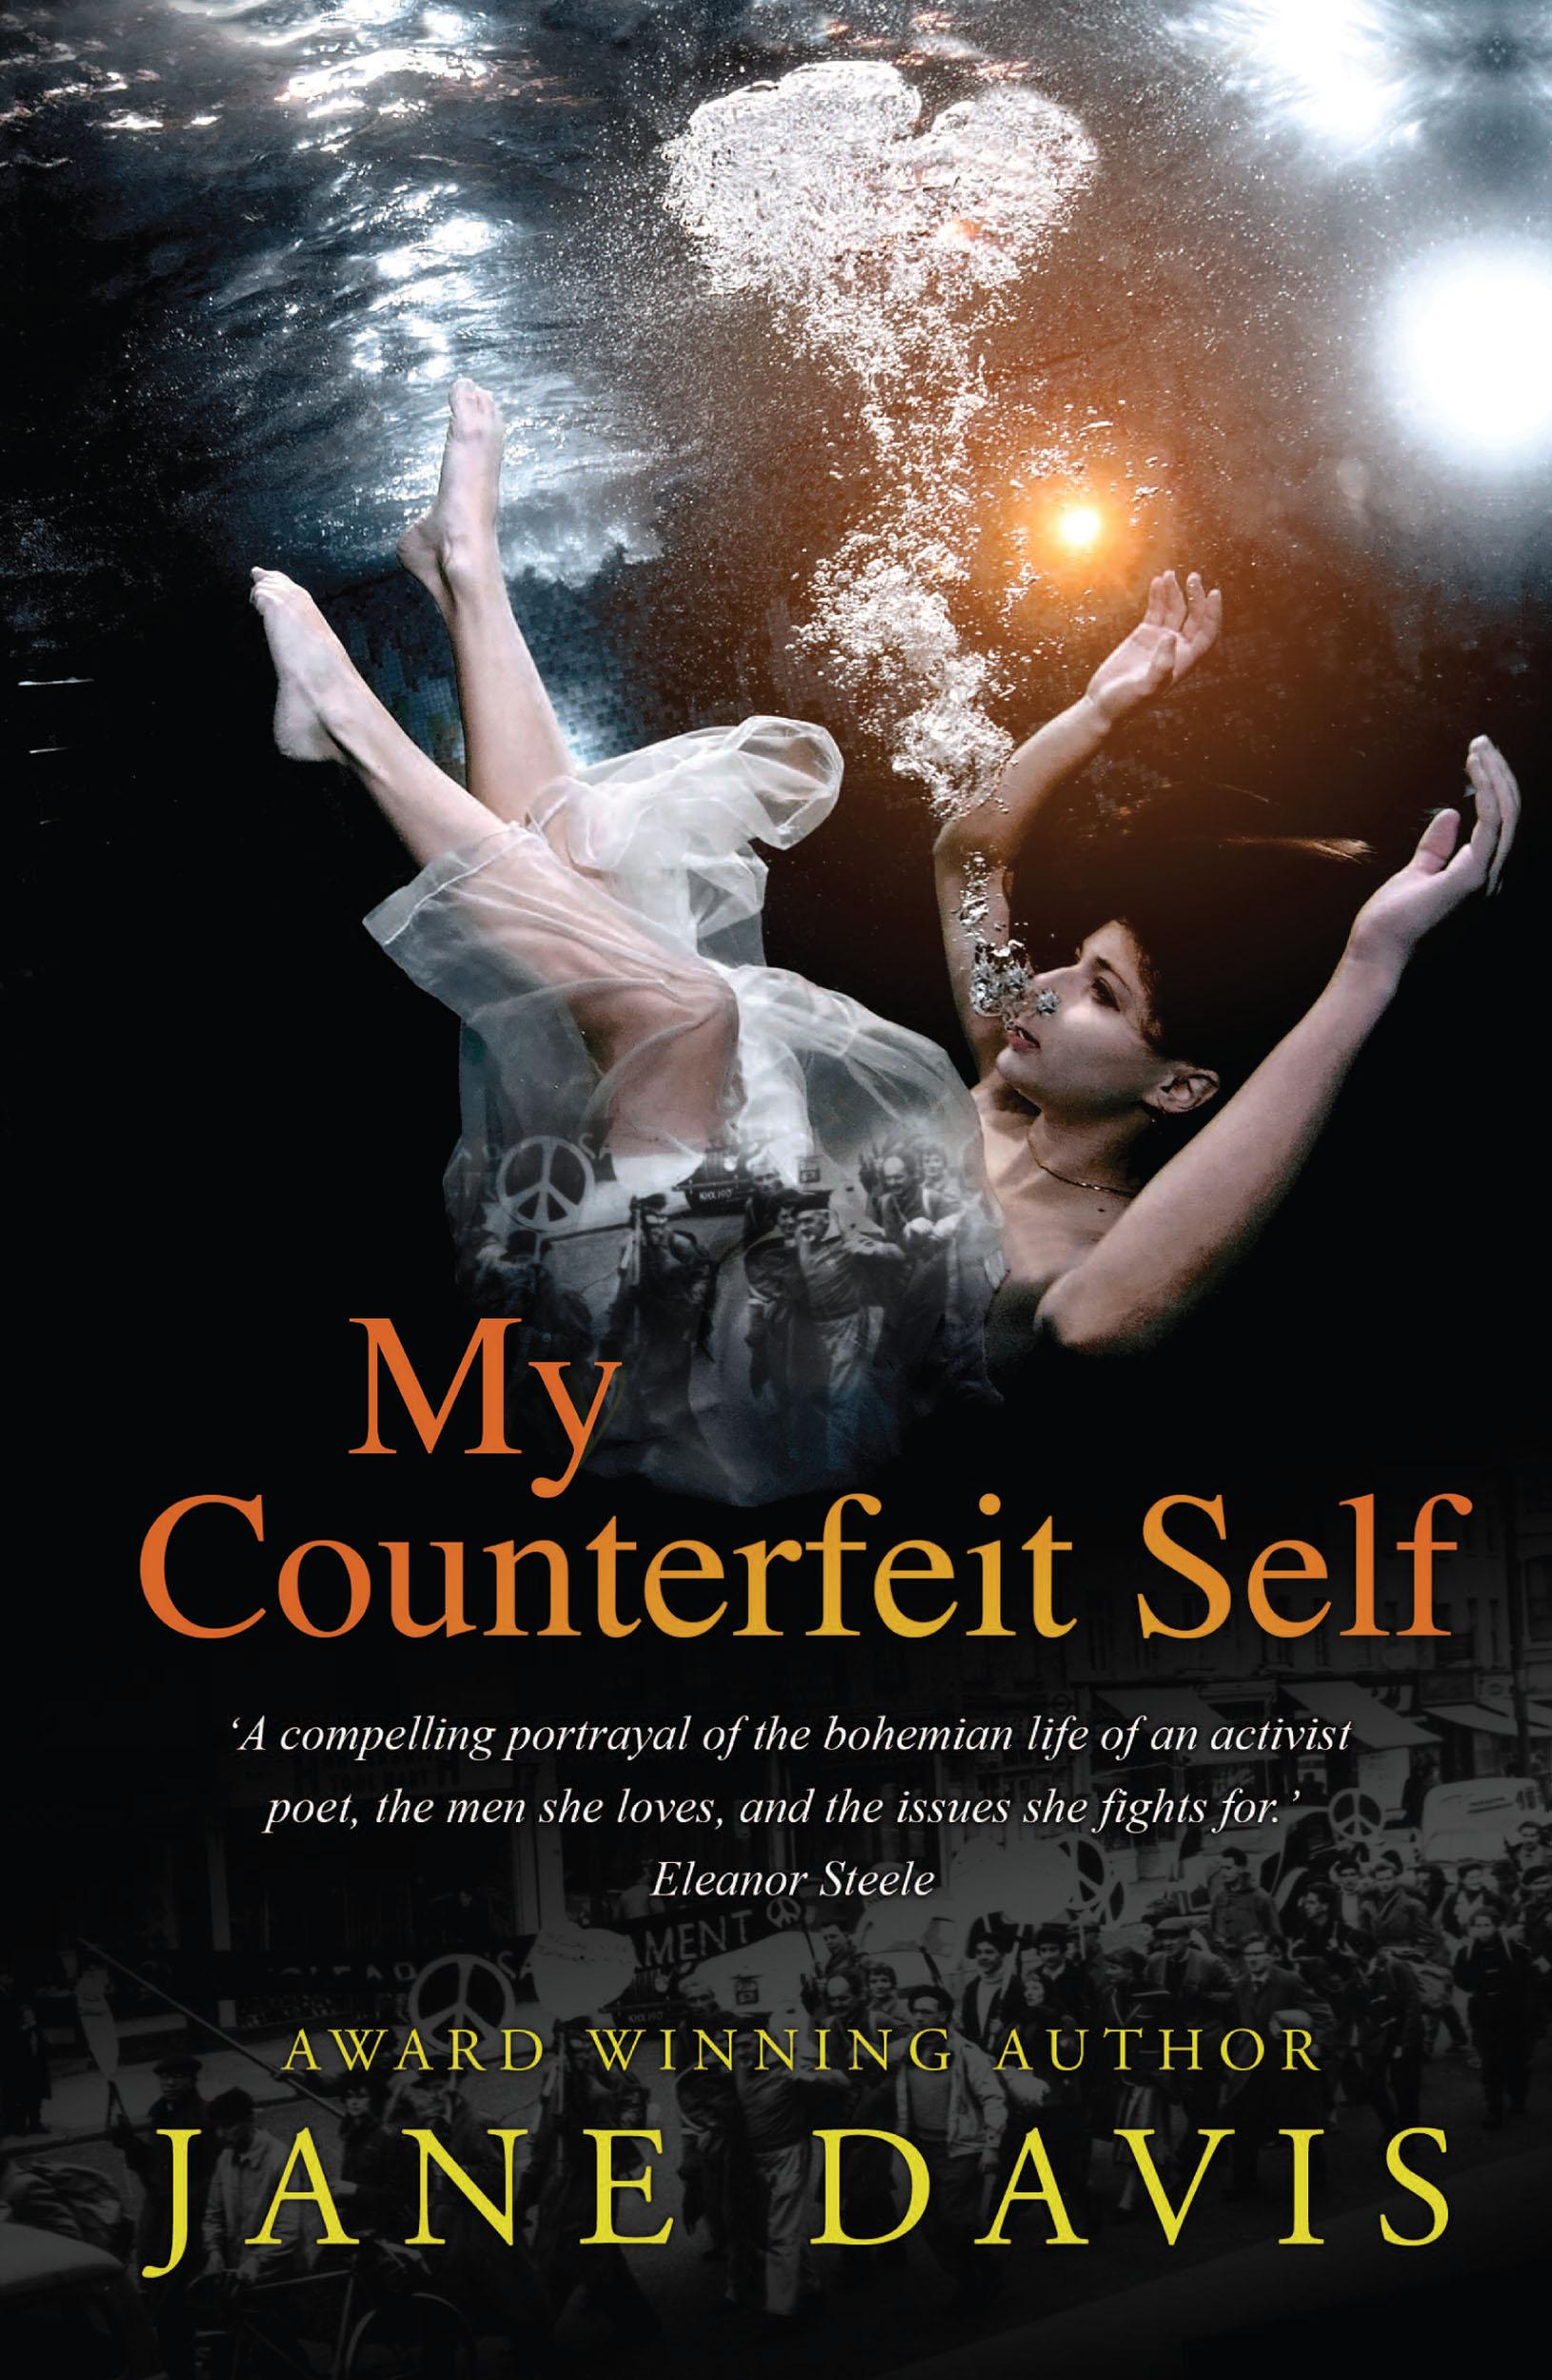 My Counterfeit Self by Jane Davis